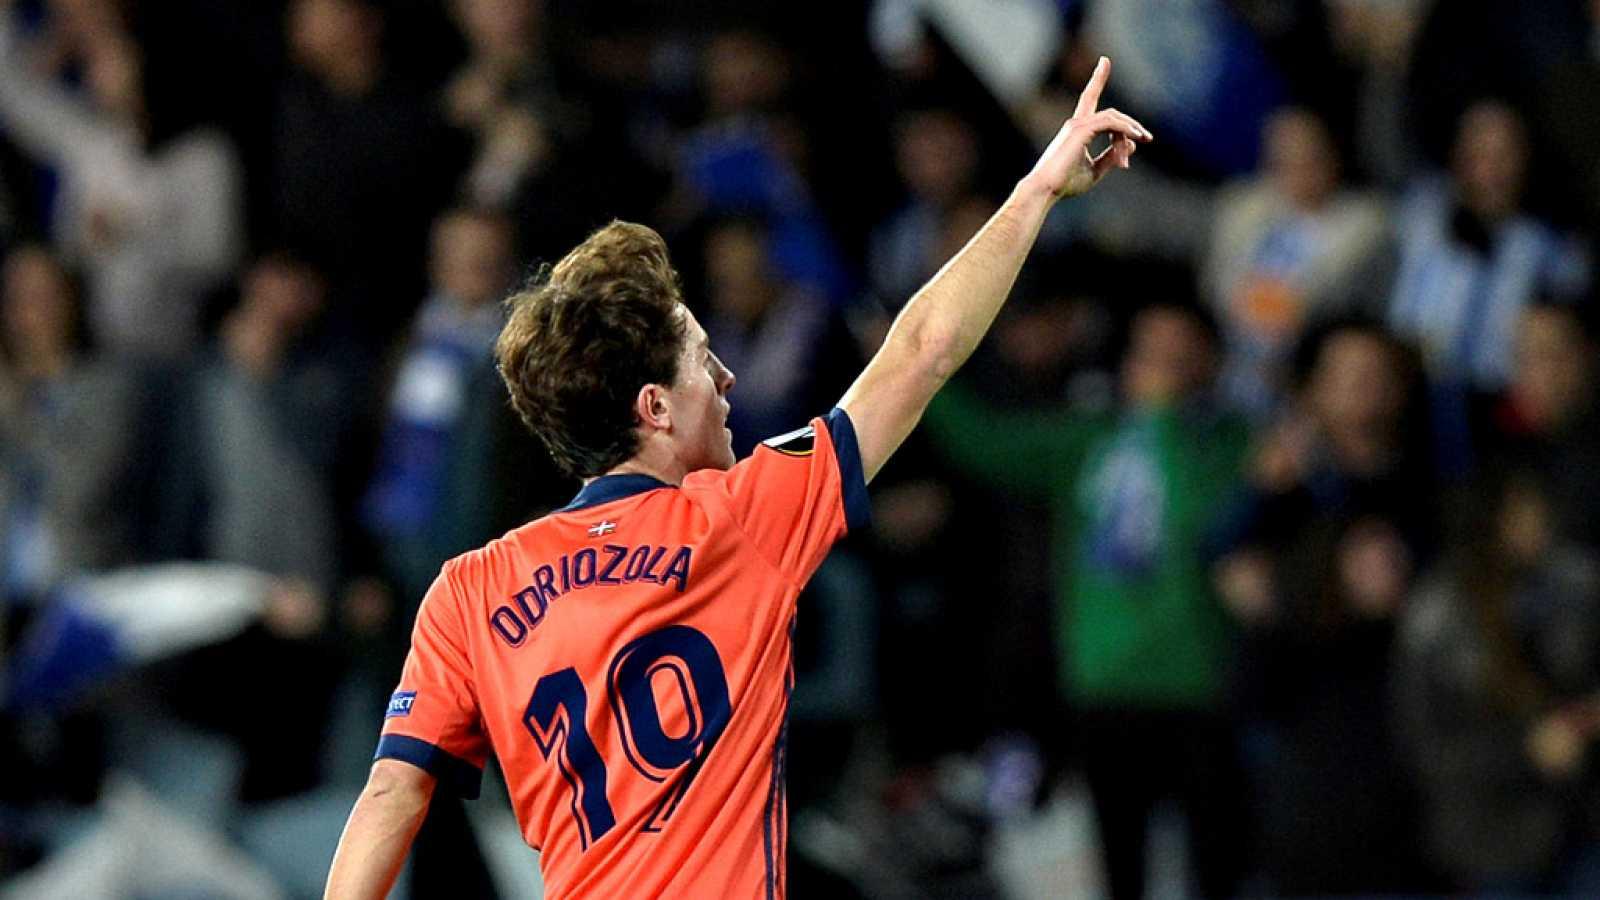 El Real Madrid anunció este jueves el fichaje para las próximas seis temporadas del lateral derecho internacional de 22 años Álvaro Odriozola, procedente de la Real Sociedad.